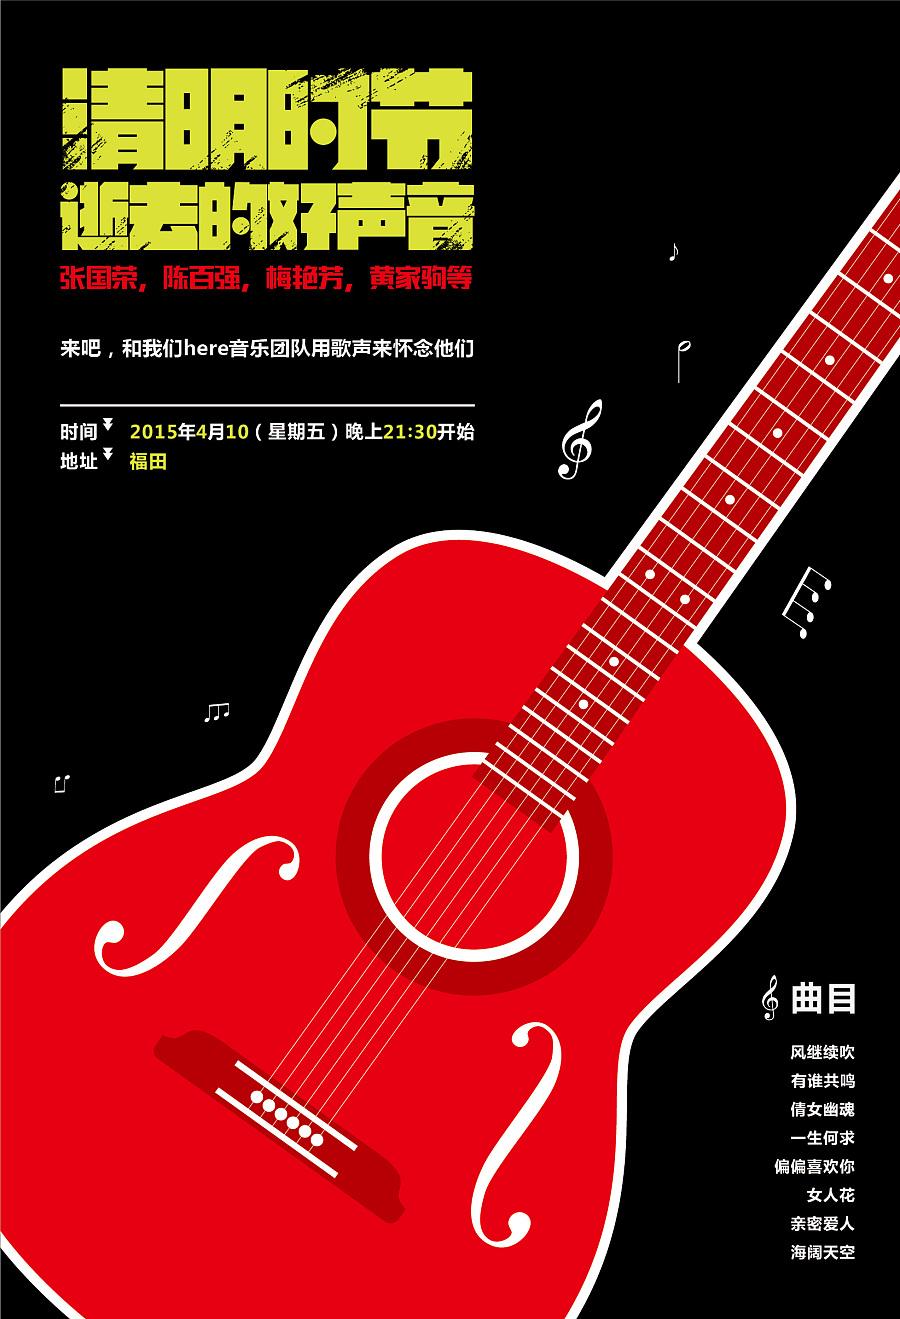 音乐海报 海报 音乐节